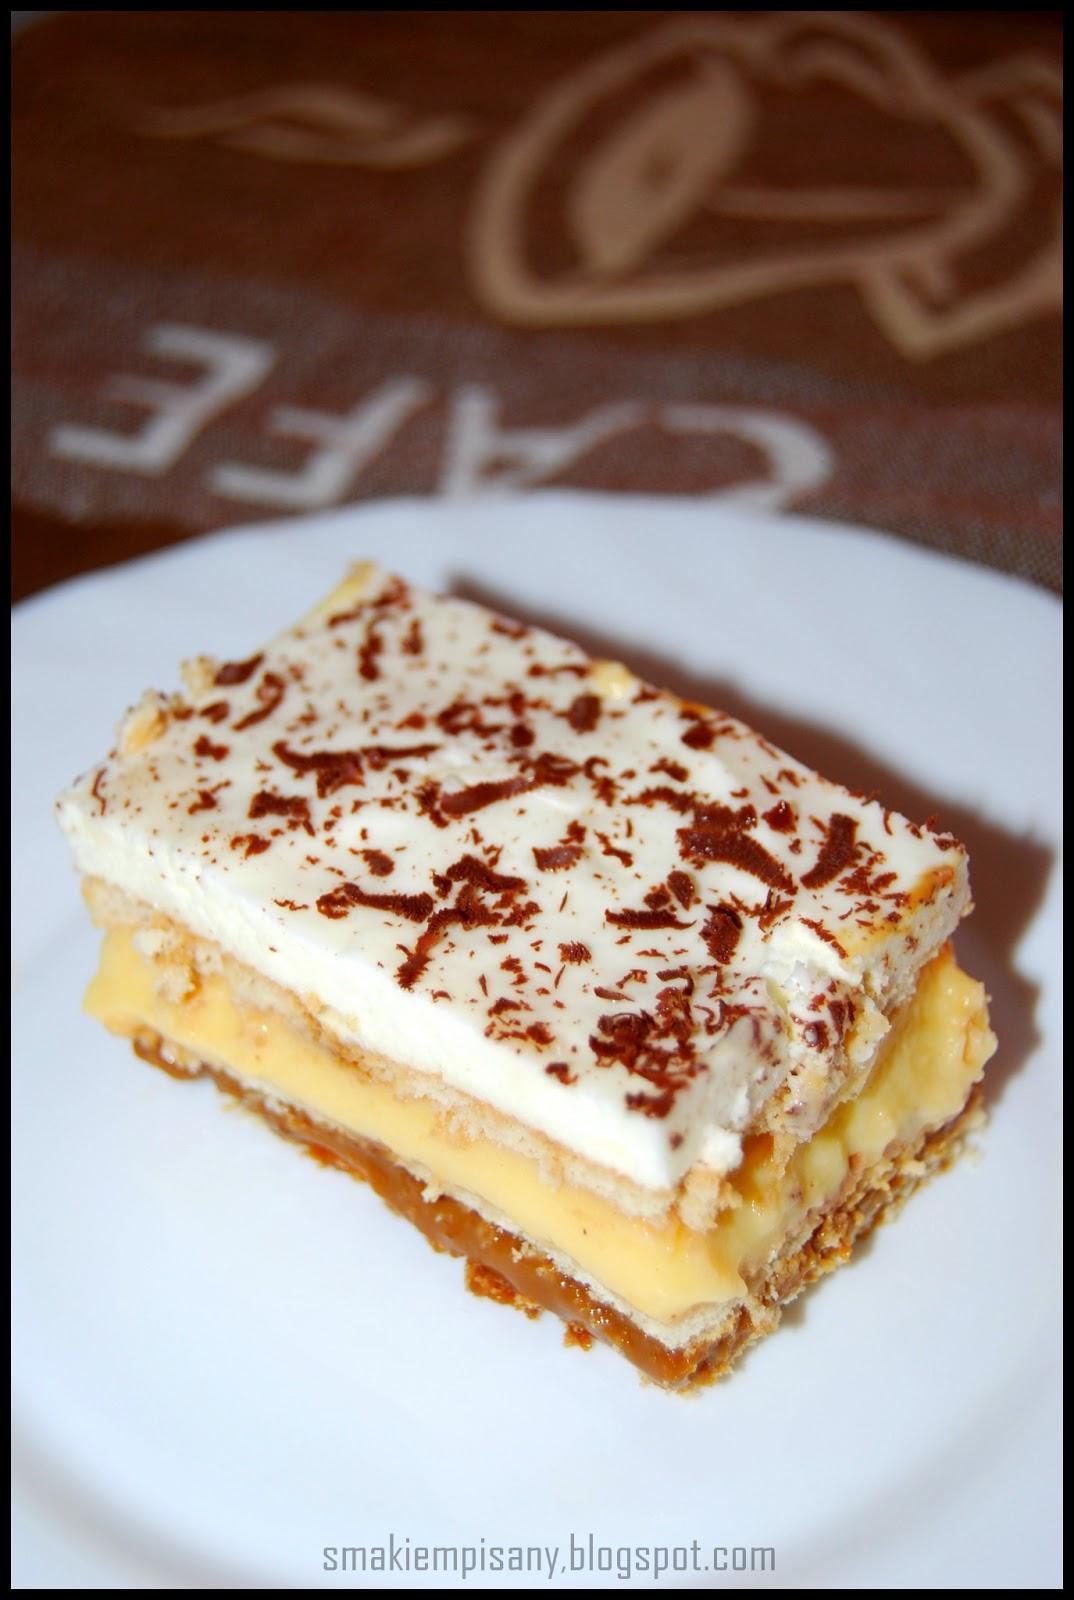 Smakiem Pisany Apetyczny Aromatyczny Kulinarny Blog Ciasto 3 Bit